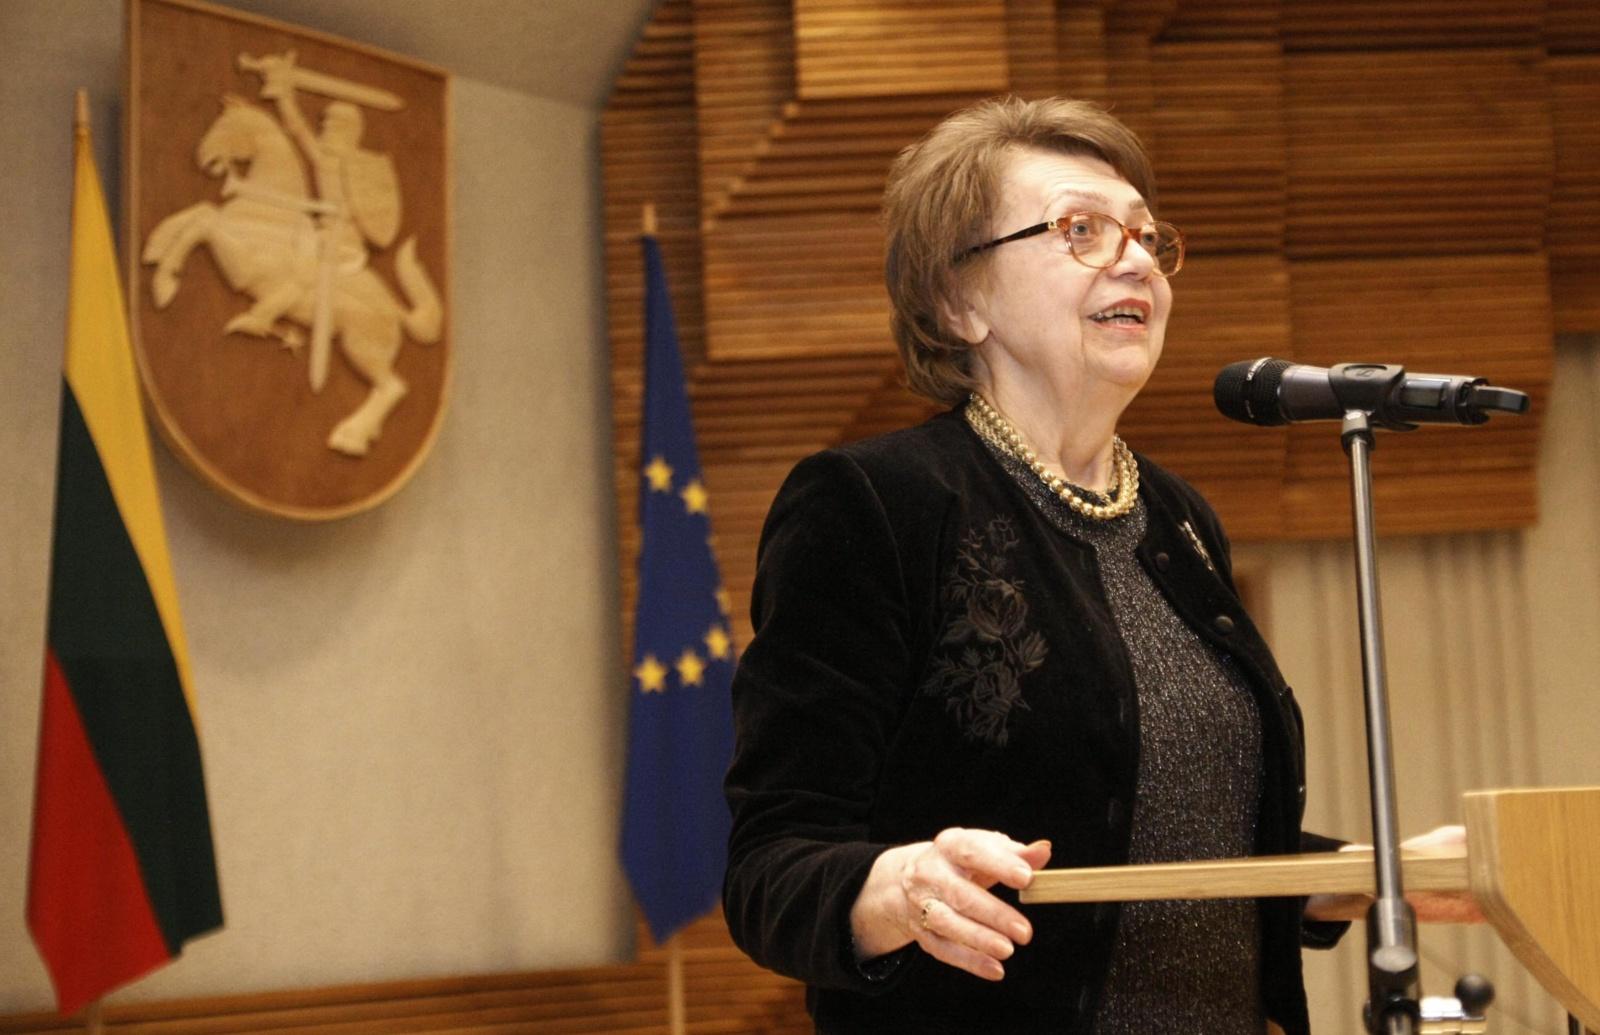 Šalies vadovai pasveikino dainininkę N. Tallat-Kelpšaitę jubiliejaus proga